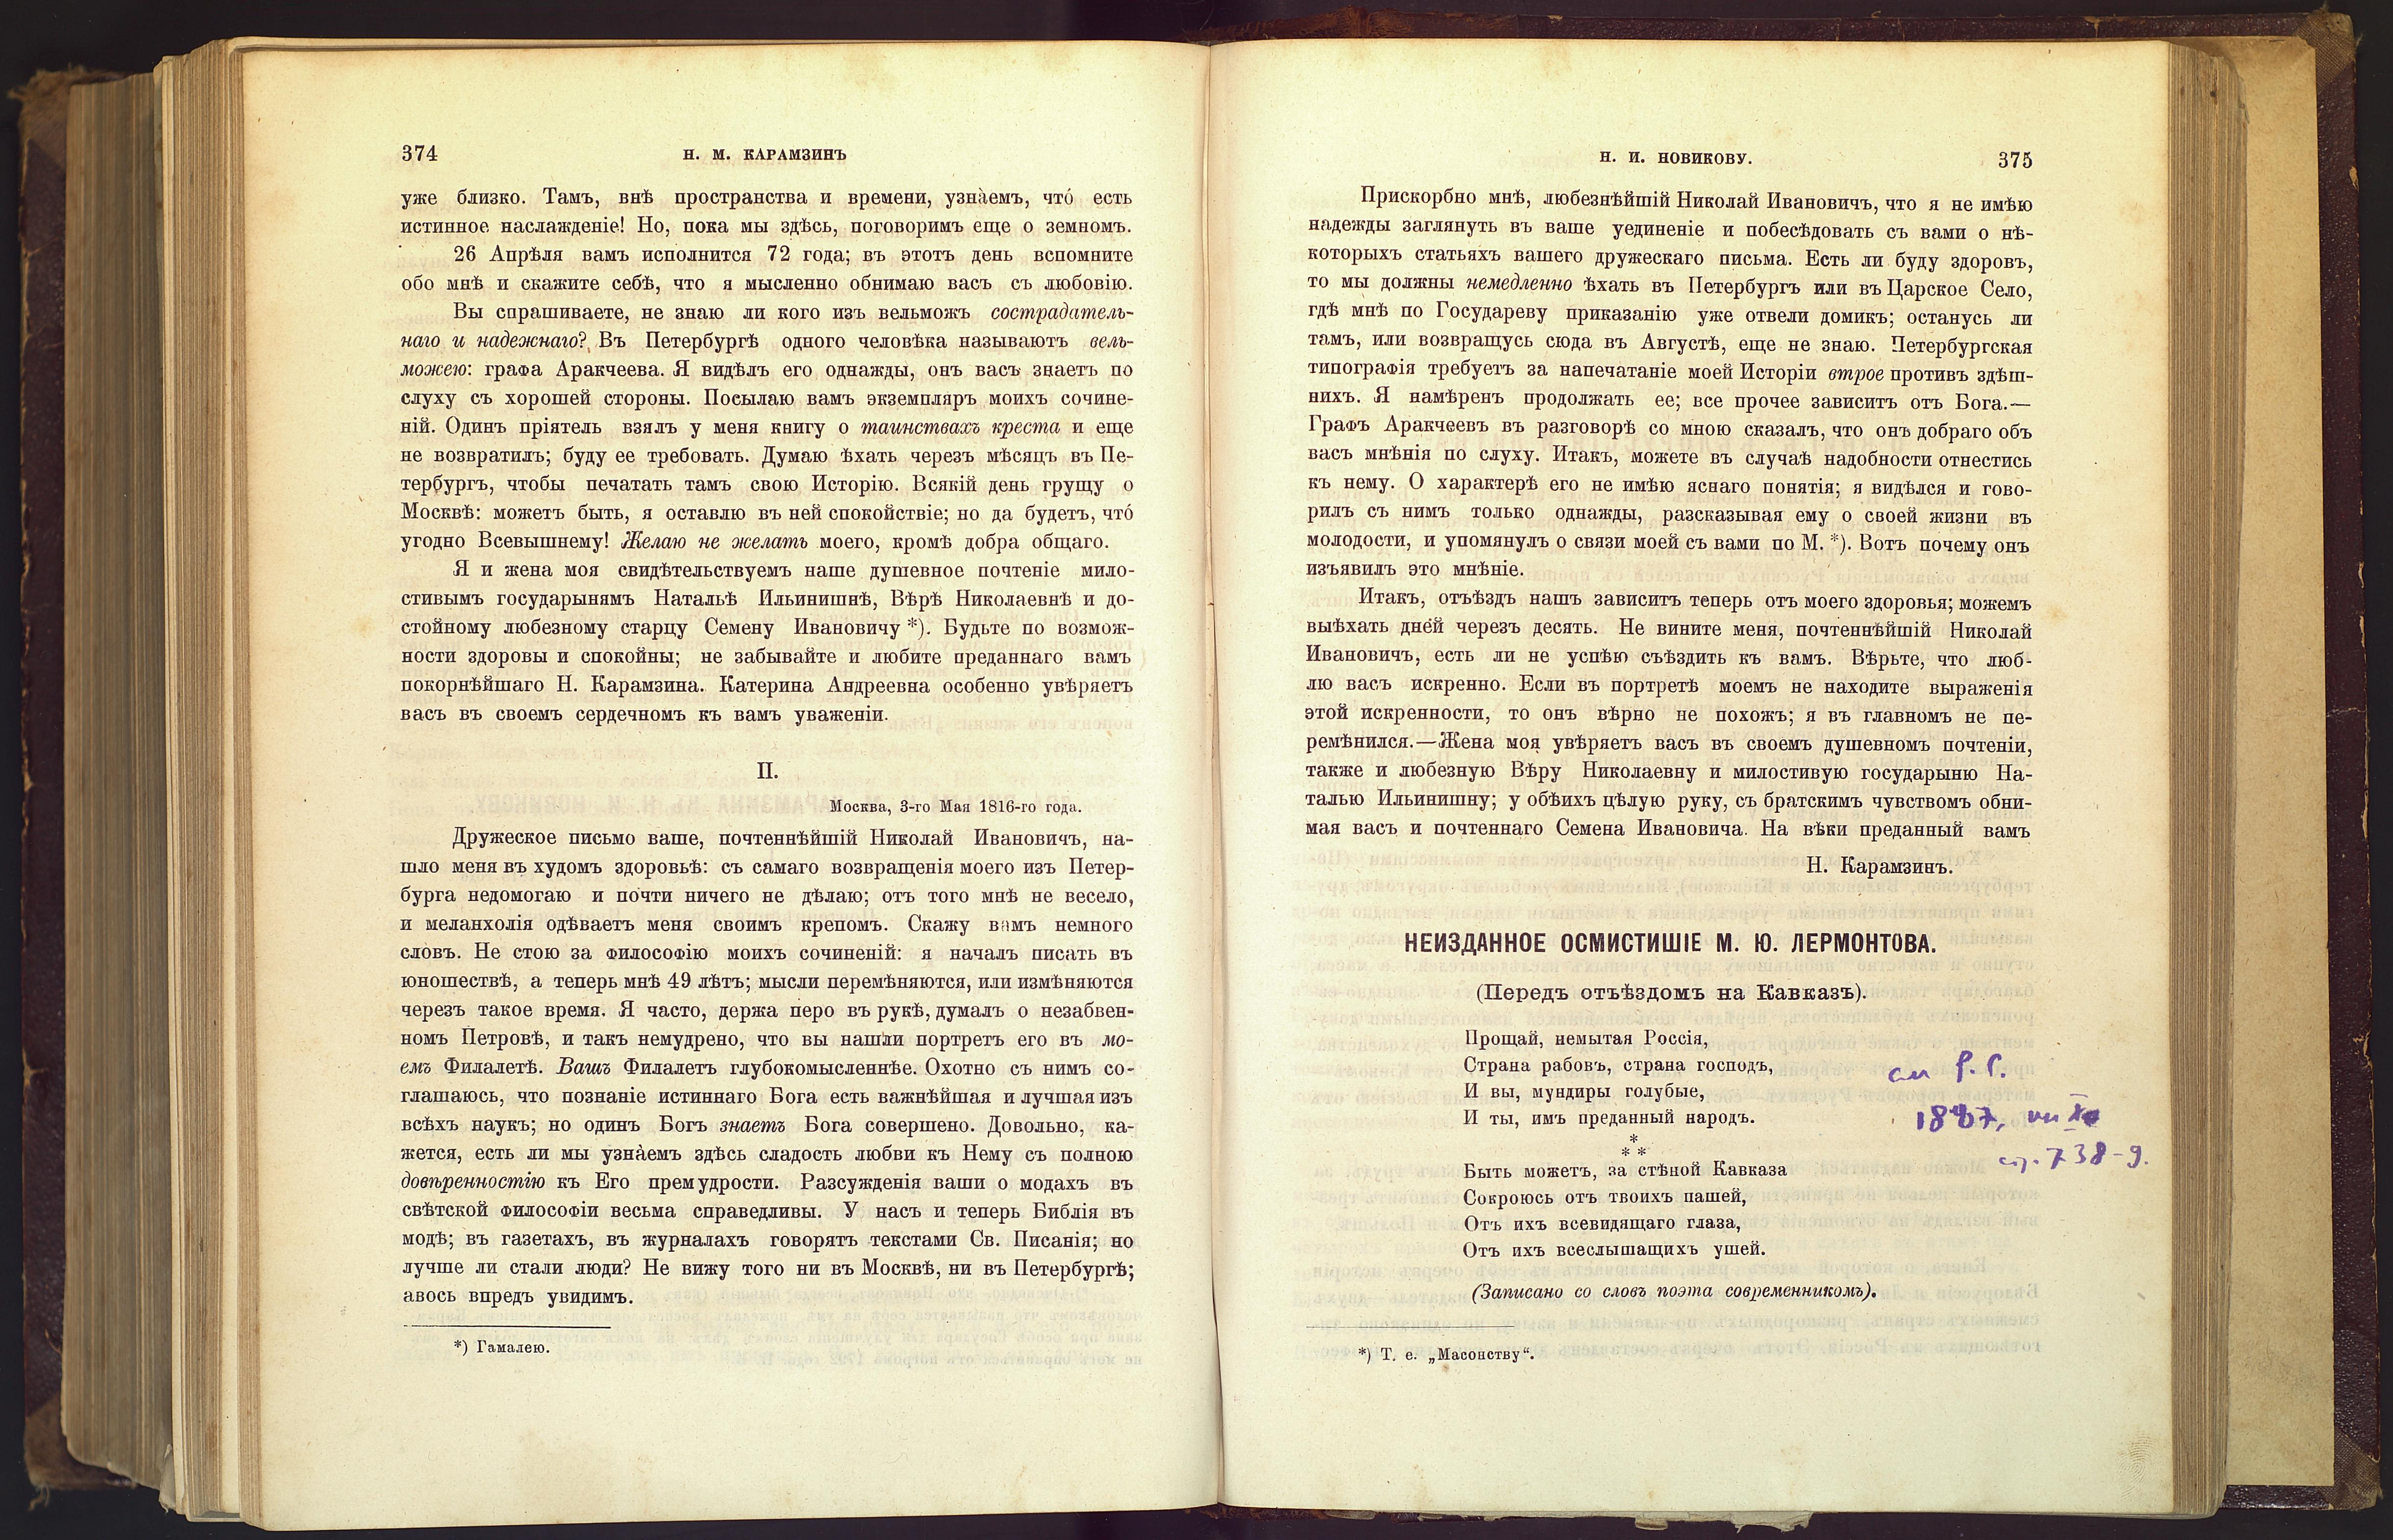 ЛОК-5899 ТАРХАНЫ КП-12164  Журнал Русский архив.  Кн 1-3._4